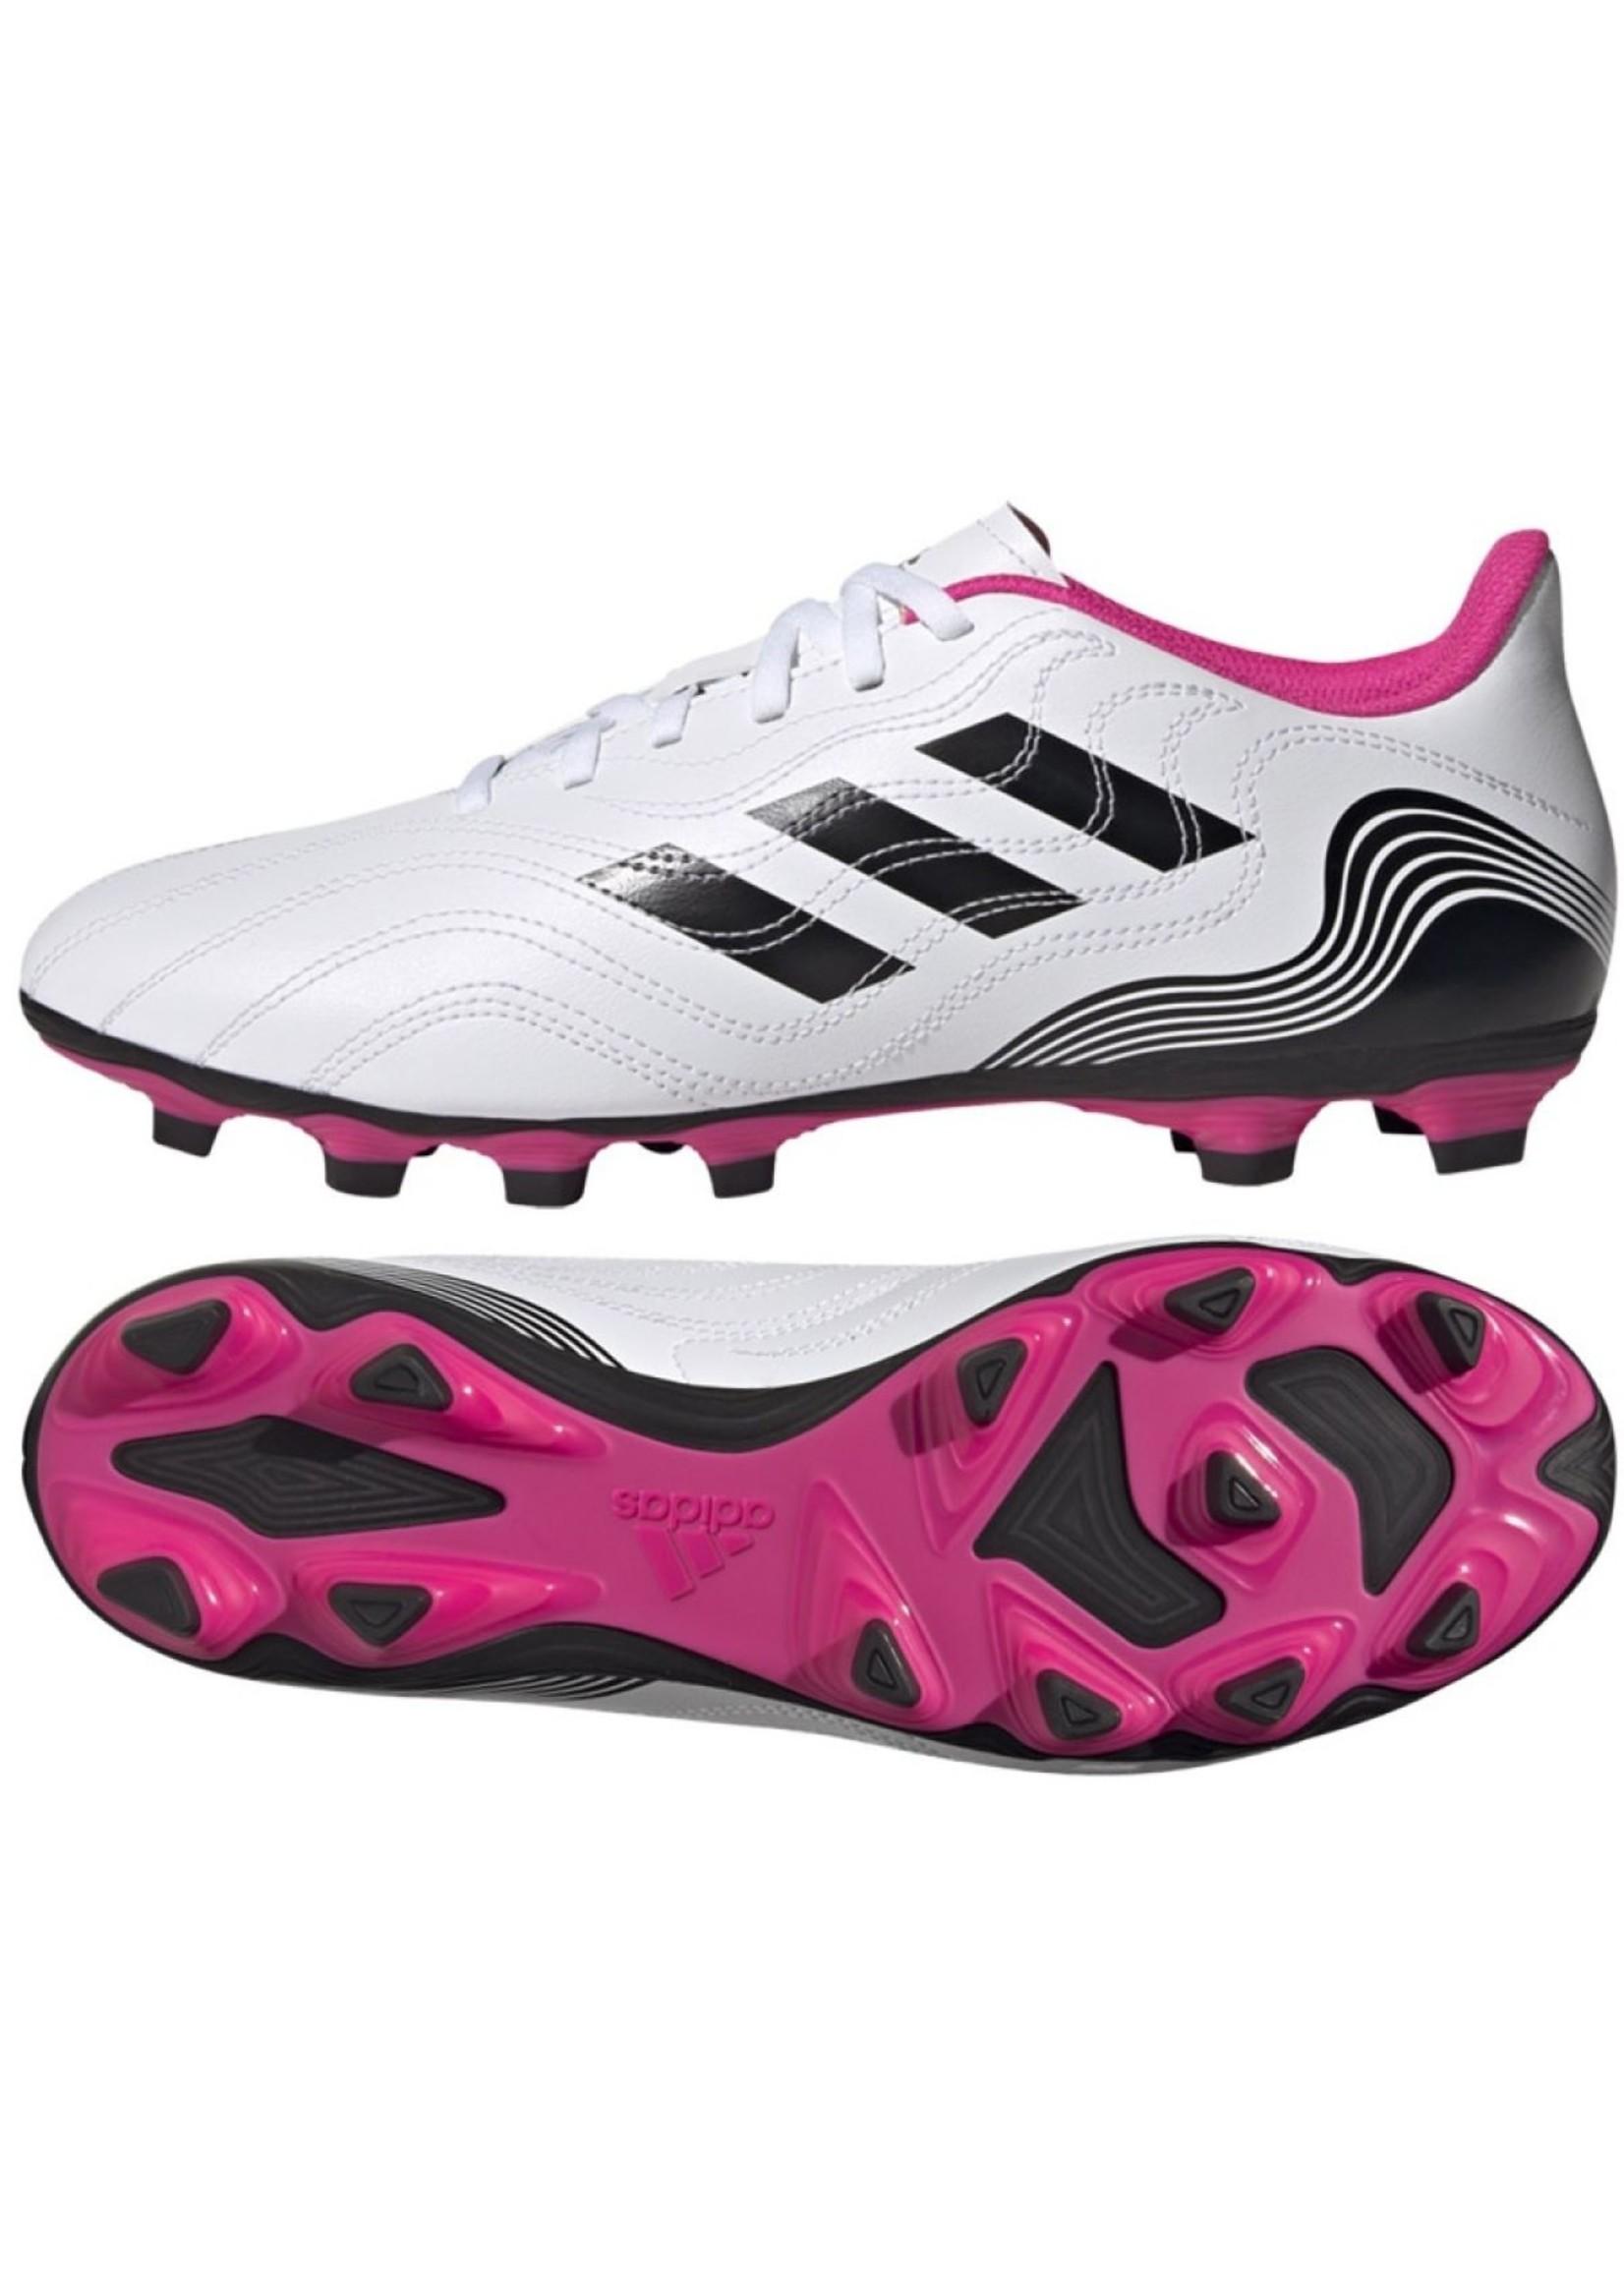 Adidas COPA SENSE .4 FxG